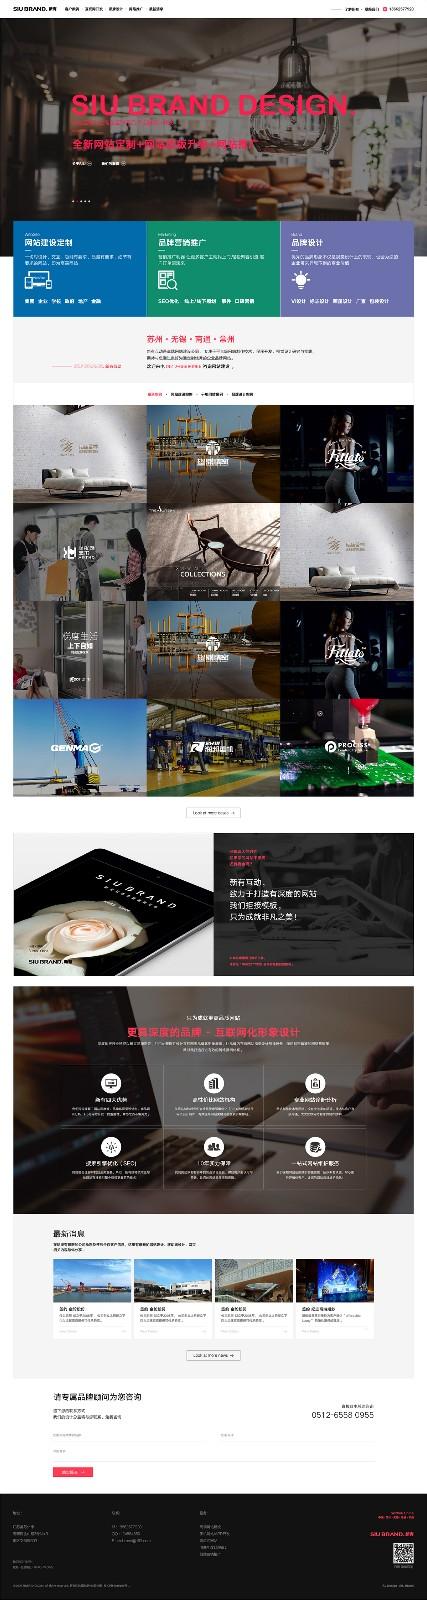 苏州企业品牌设计_苏州集团网站设计企业_苏州新有